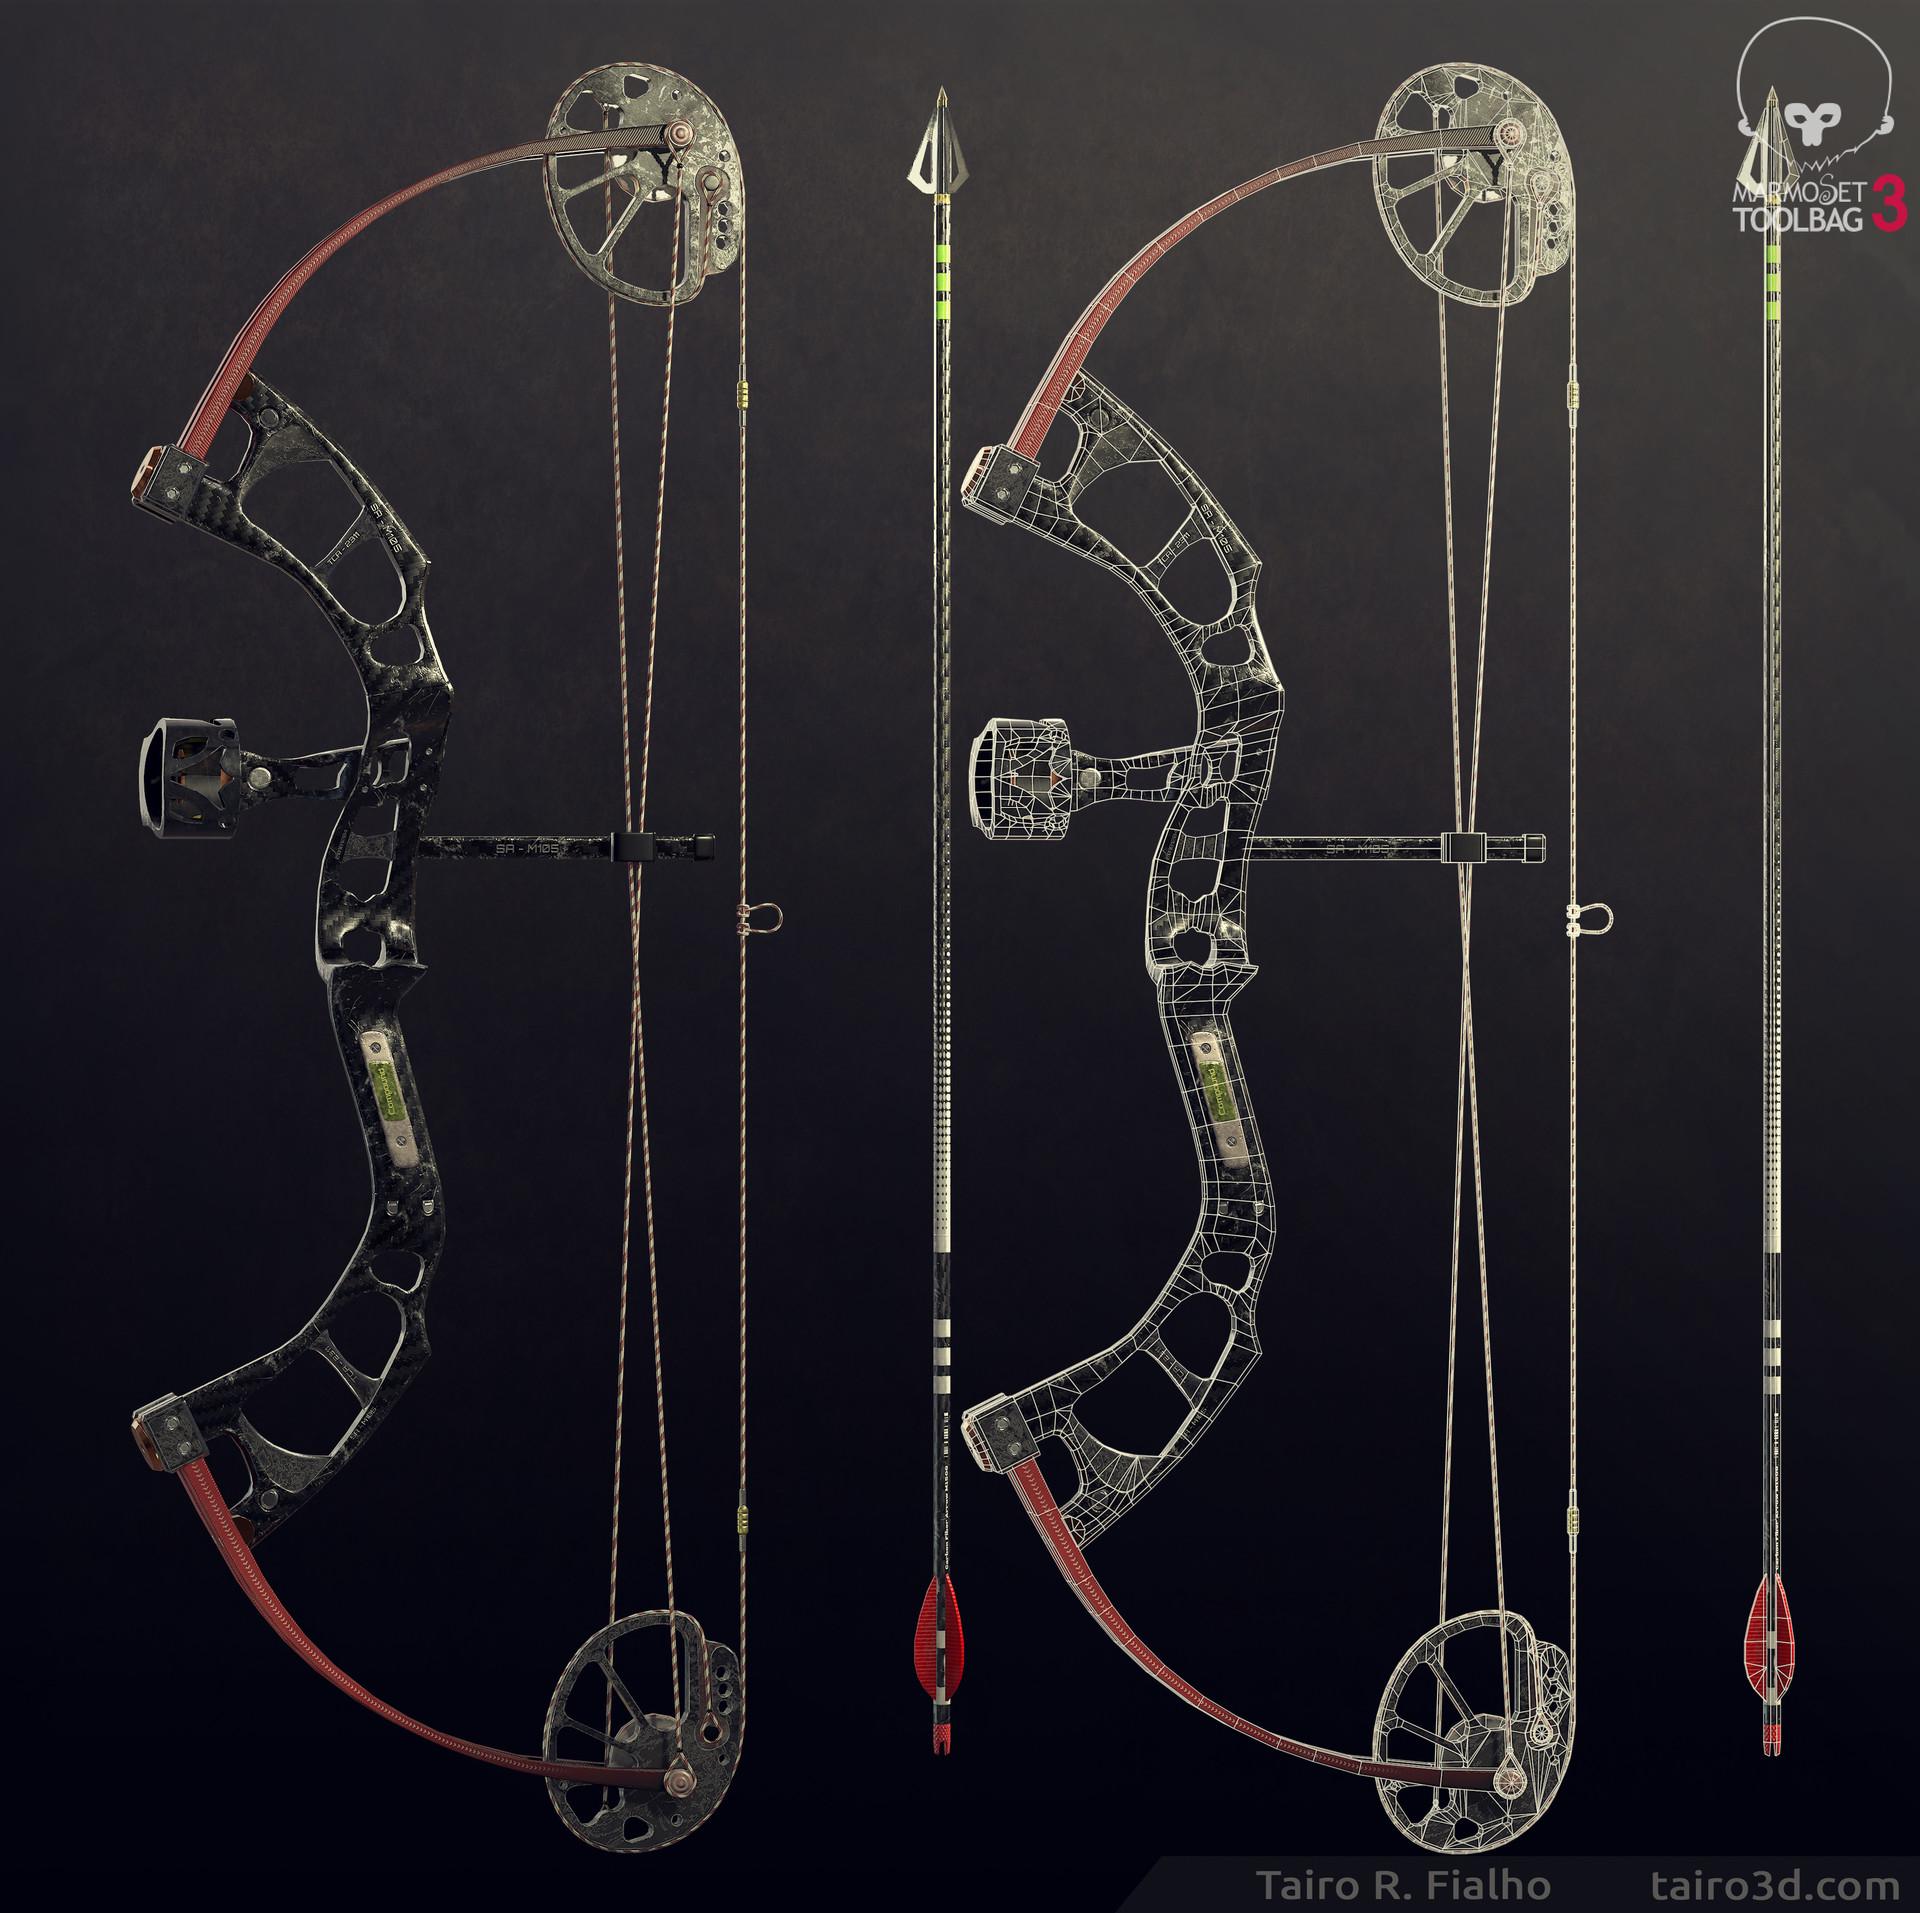 Tairo fialho bow